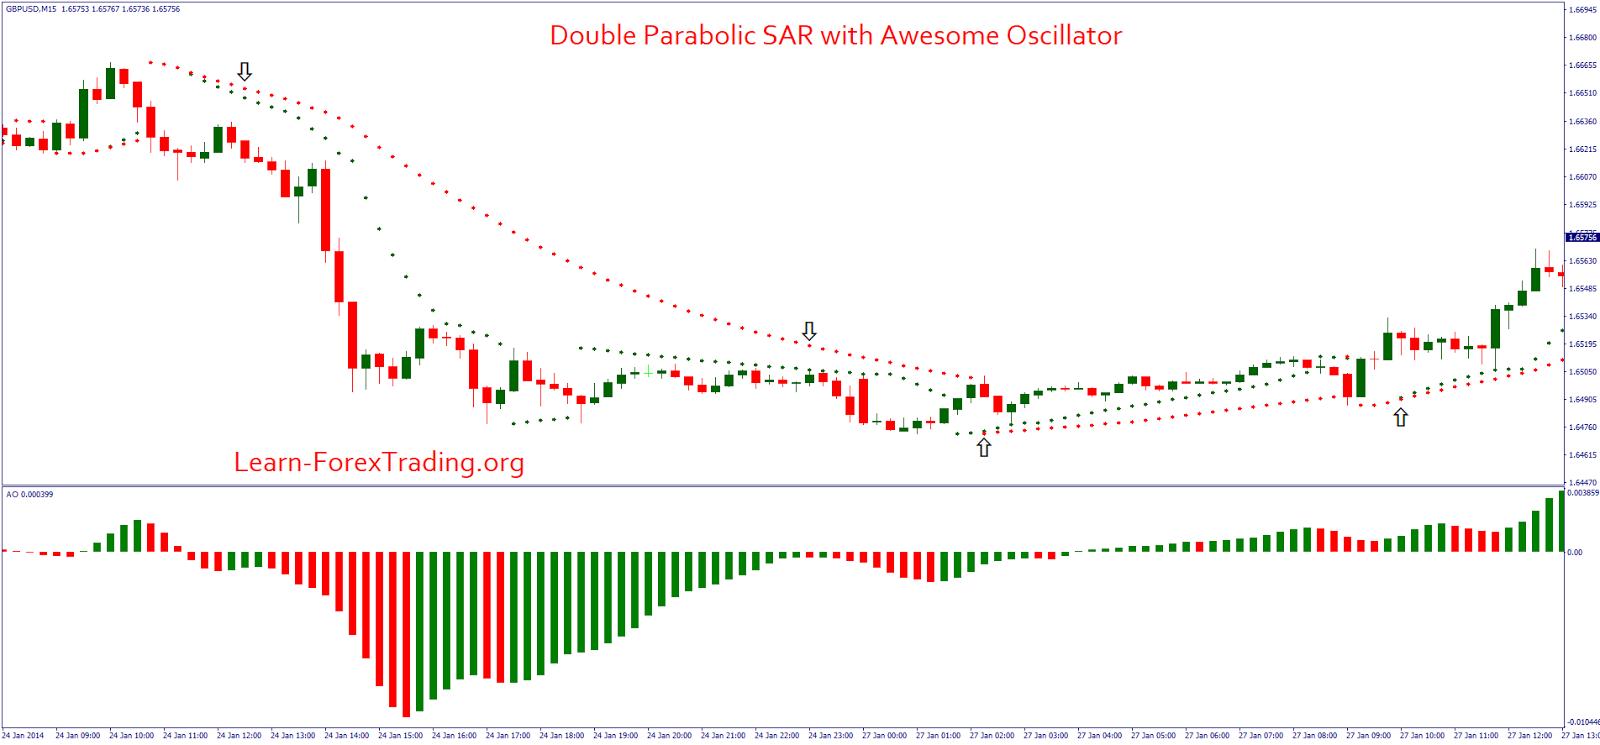 Parabolisks sar rādītājs binārā opcijas. Parabolisks Sar Rādītājs Binārā Opcijas